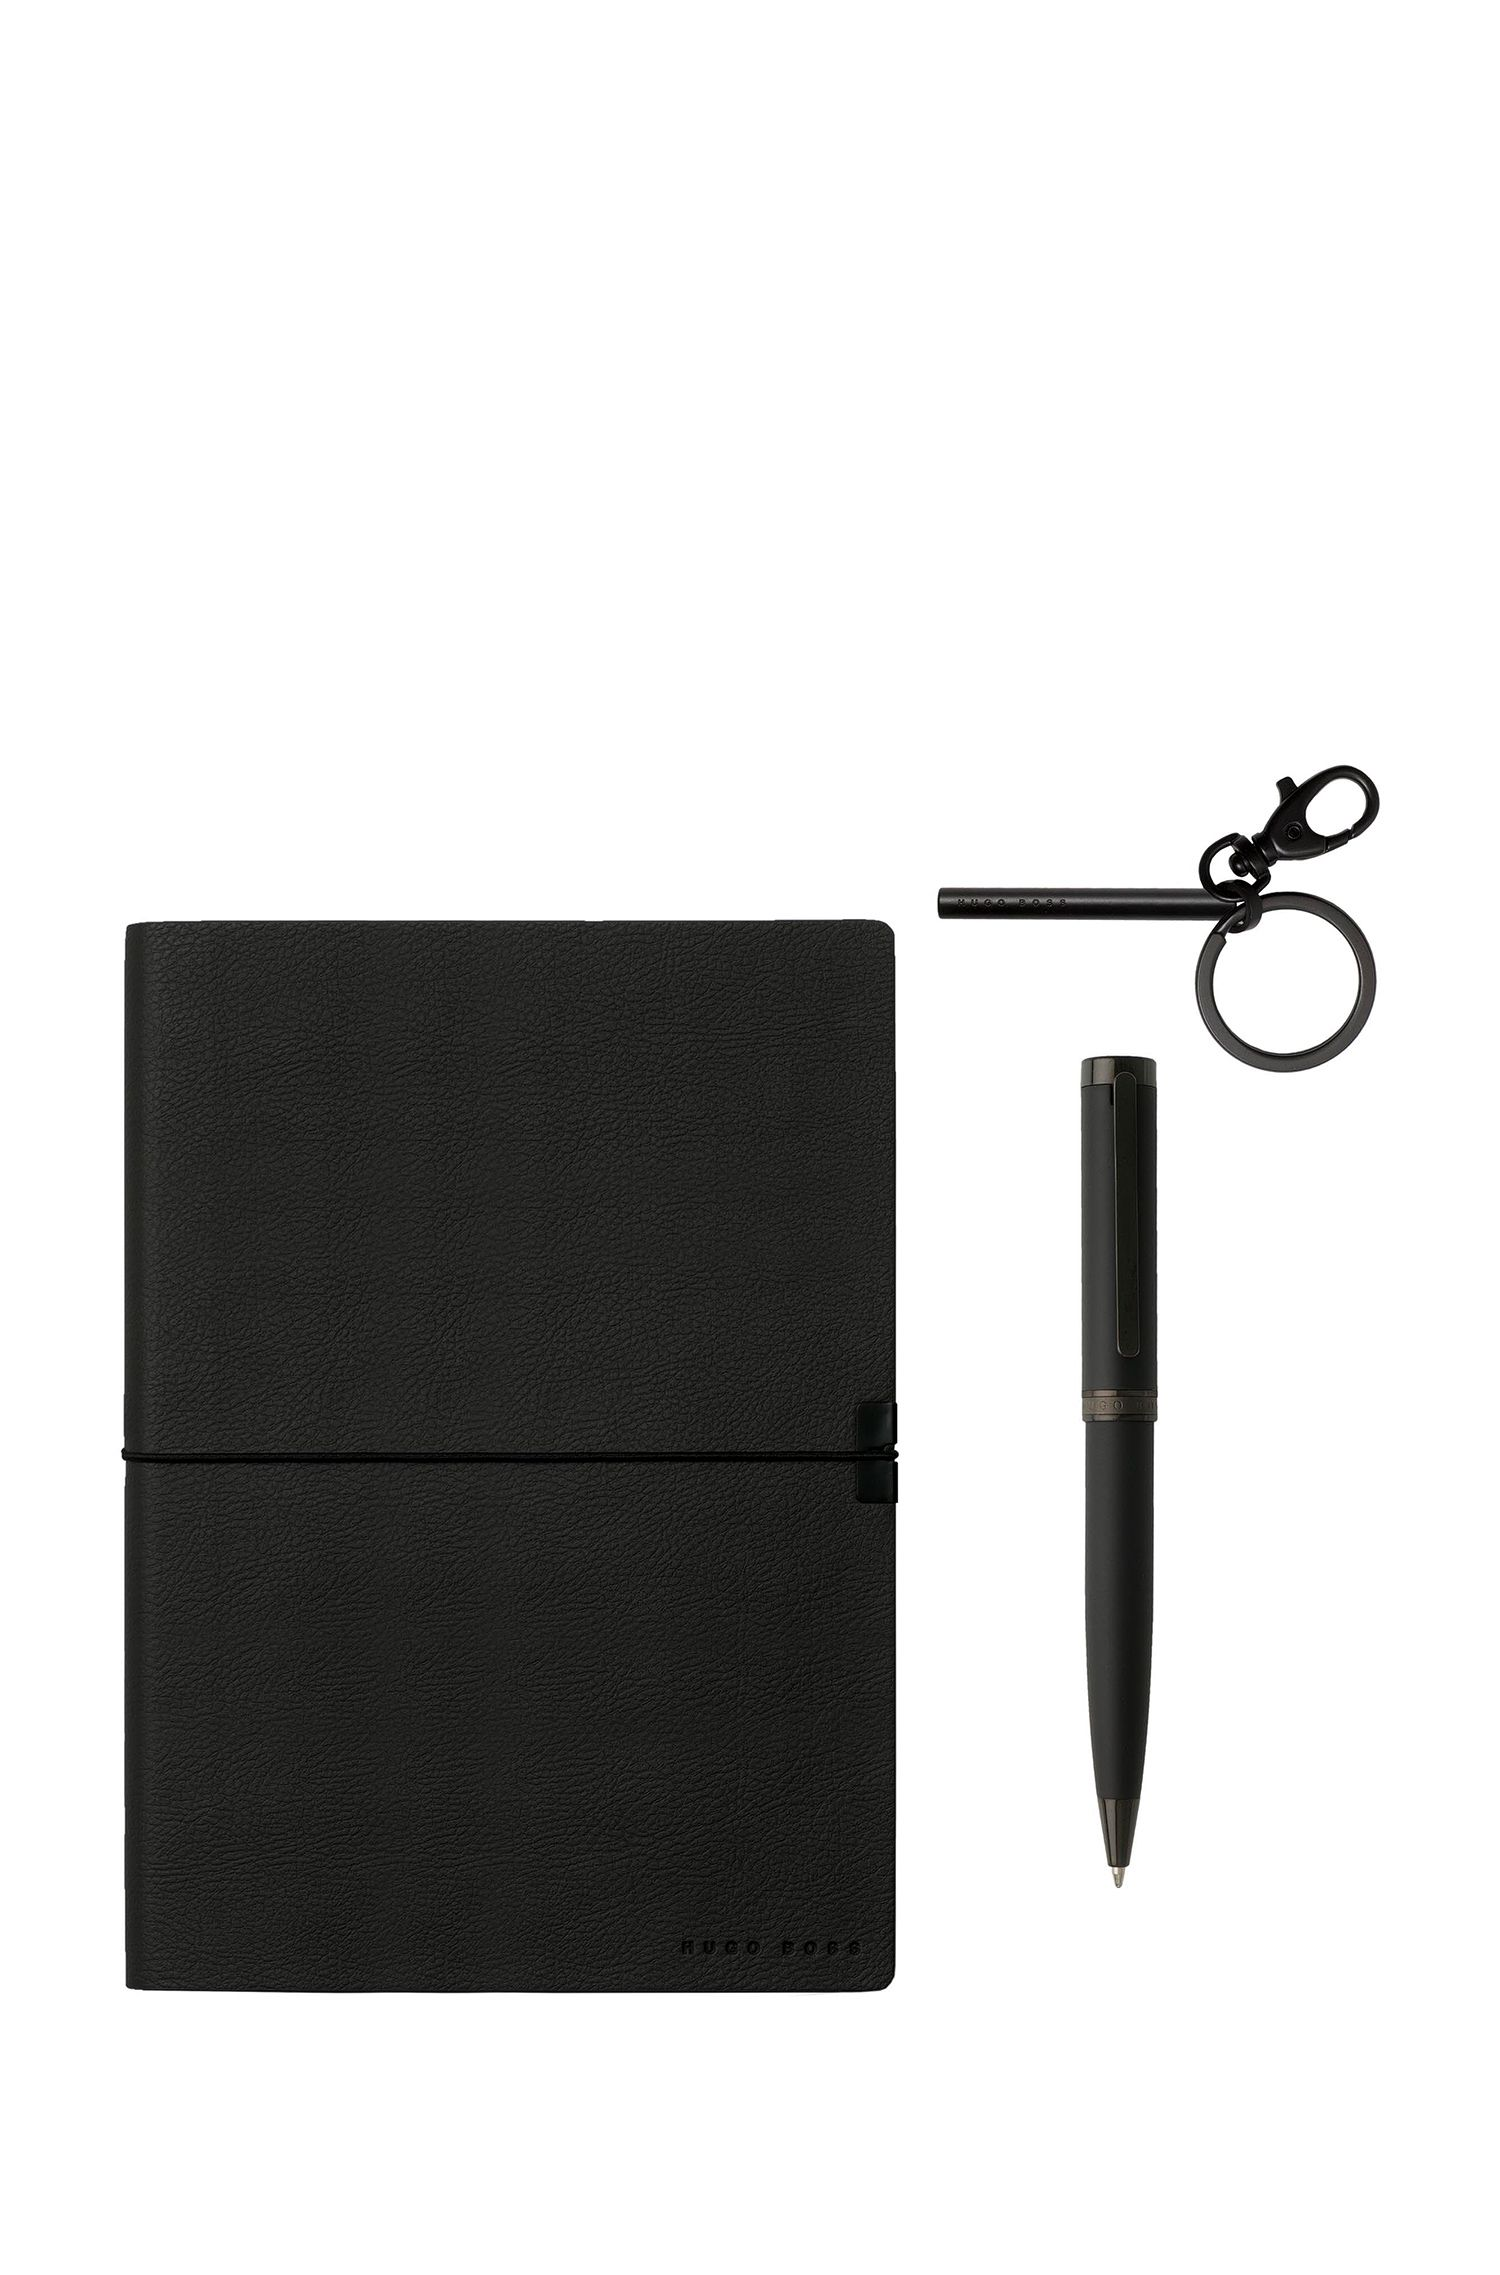 Set composto da penna, taccuino e portachiavi di colore nero